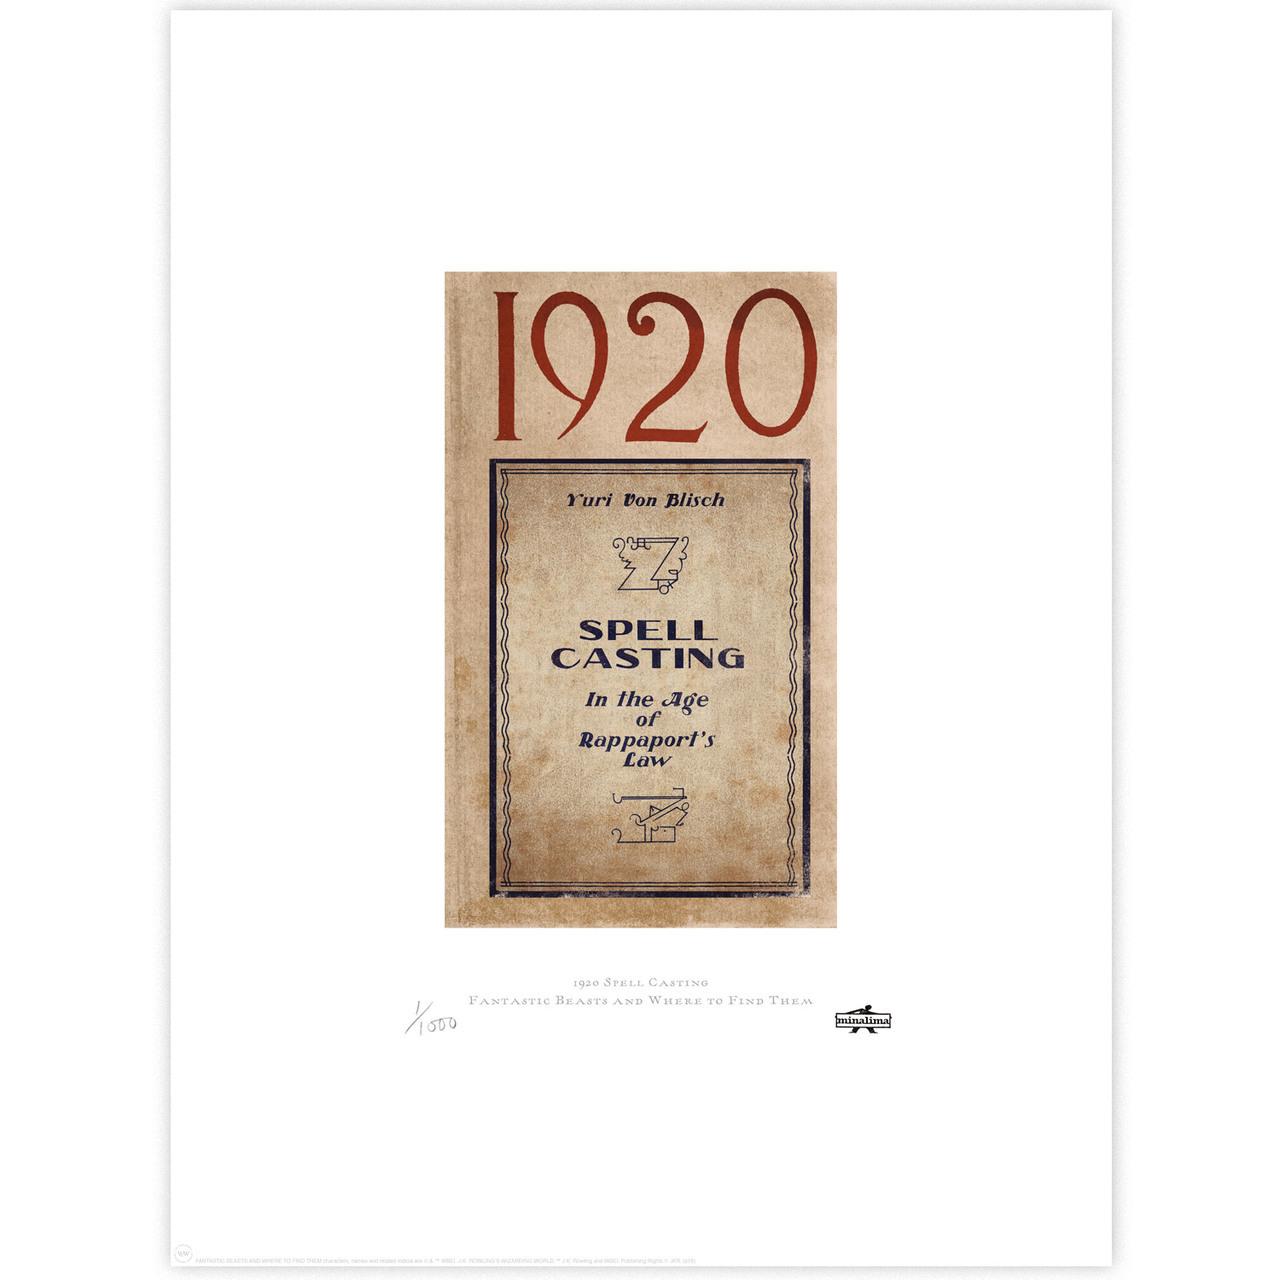 1920 Spell Casting